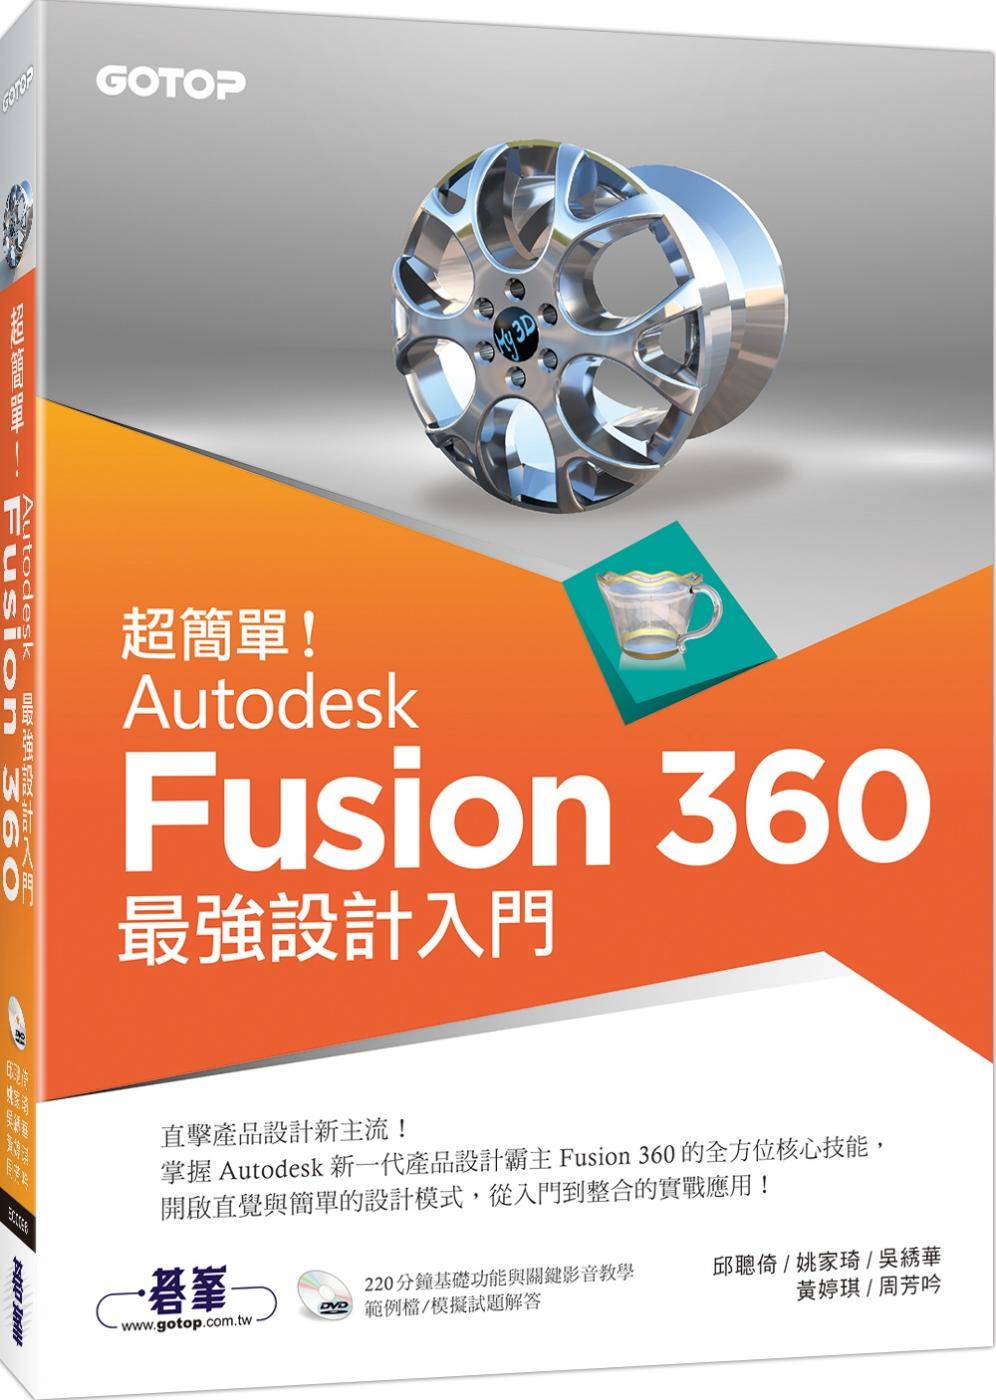 ◤博客來BOOKS◢ 暢銷書榜《推薦》超簡單!Autodesk Fusion 360最強設計入門(附影音/範例檔)